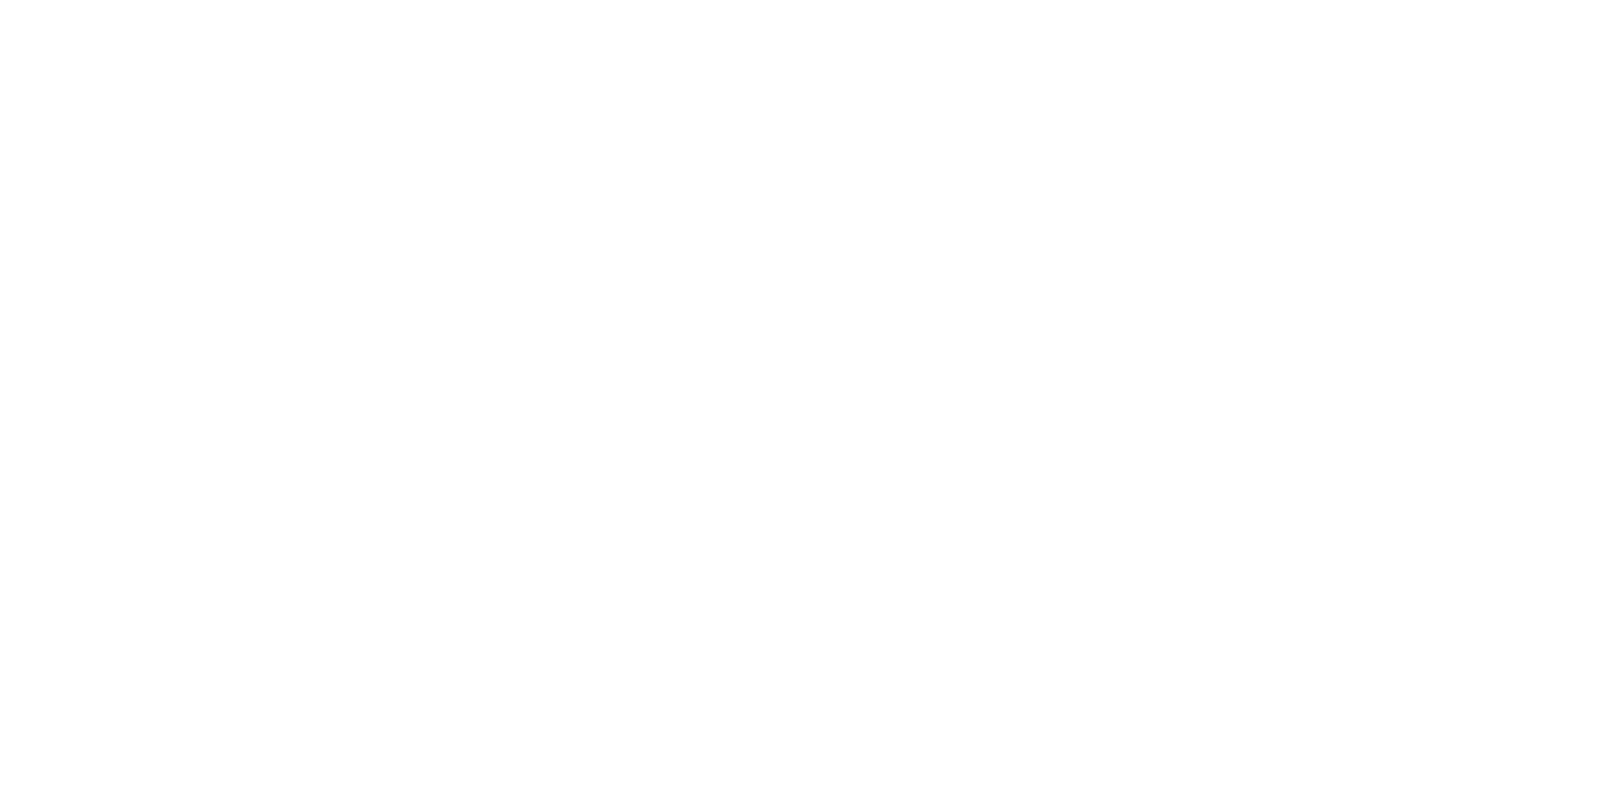 Koryto mięsne